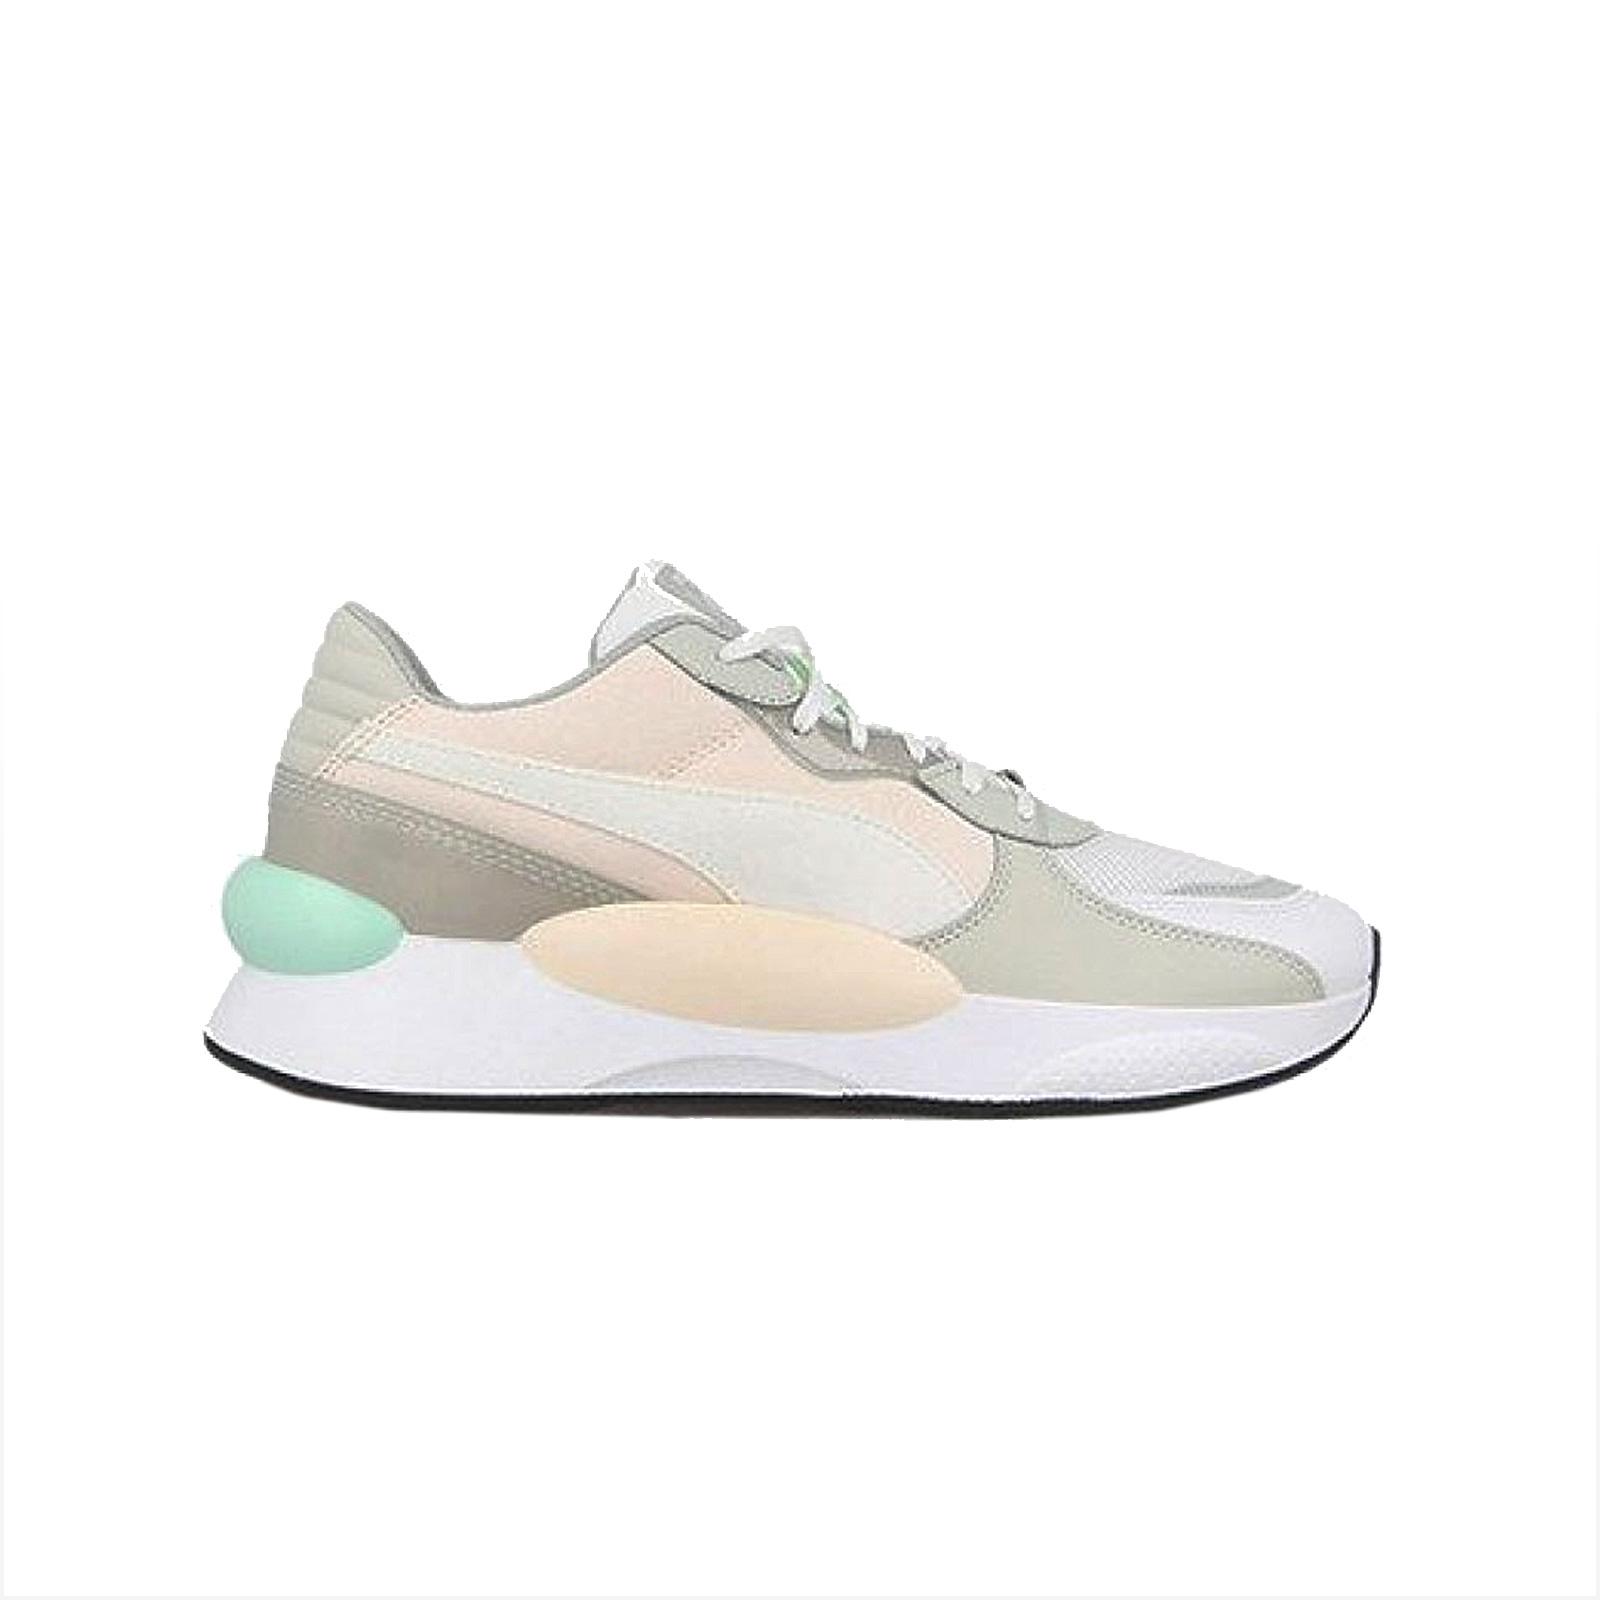 Puma - 371571 RS 9.8 MERMAID FOOTWEAR - 5/94P2